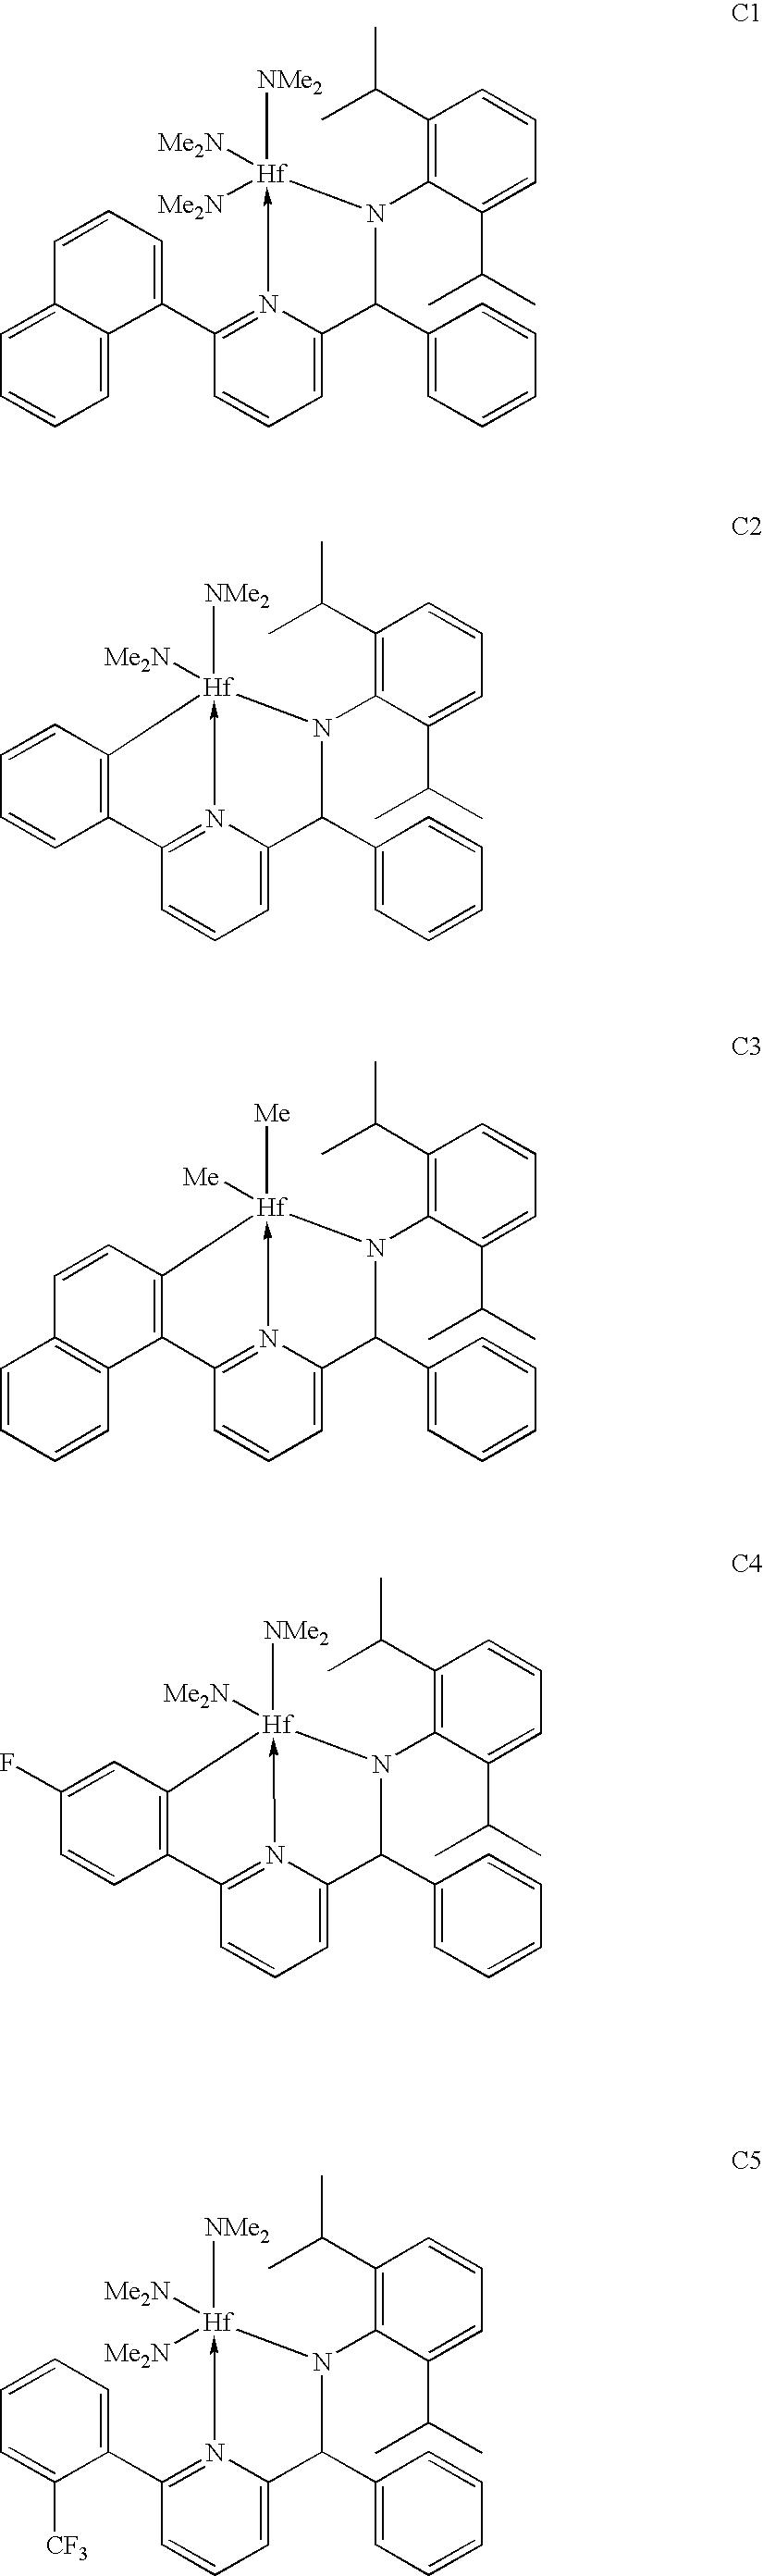 Figure US06900321-20050531-C00093